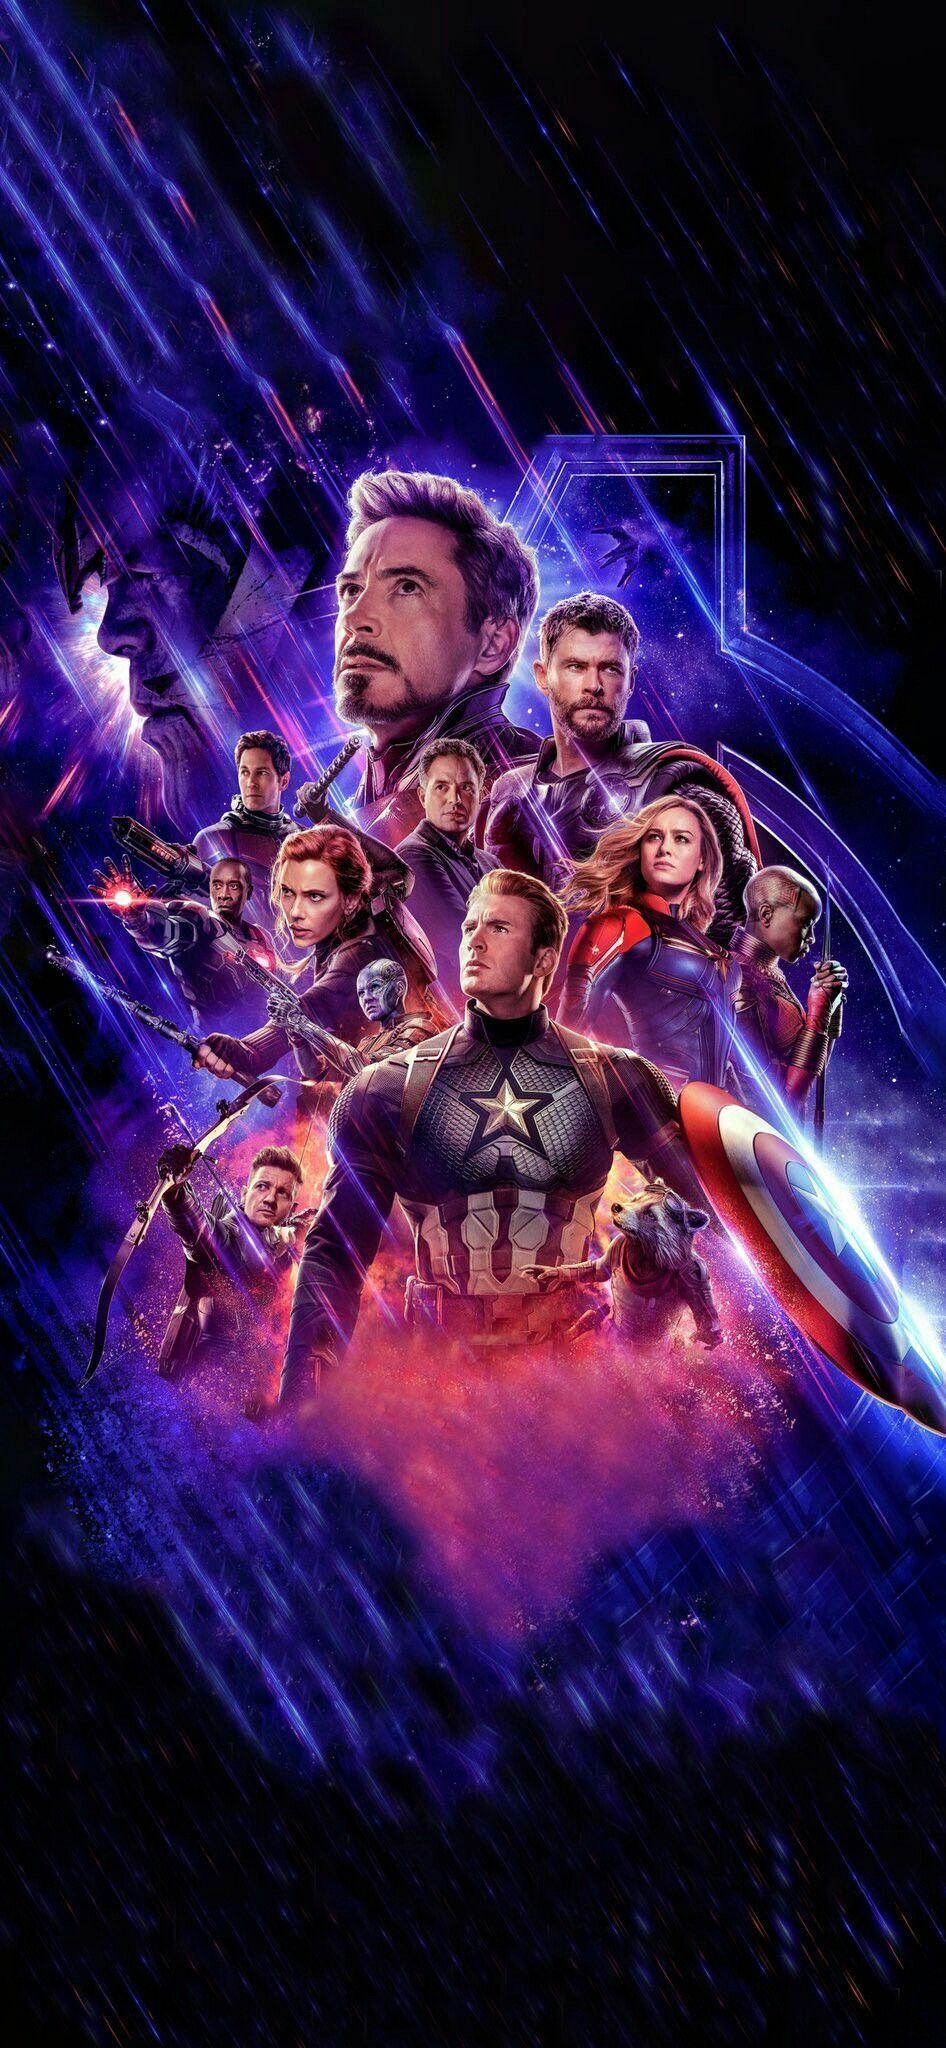 Avengers Endgame Wallpaper Avengers Poster Marvel Movie Posters Avengers